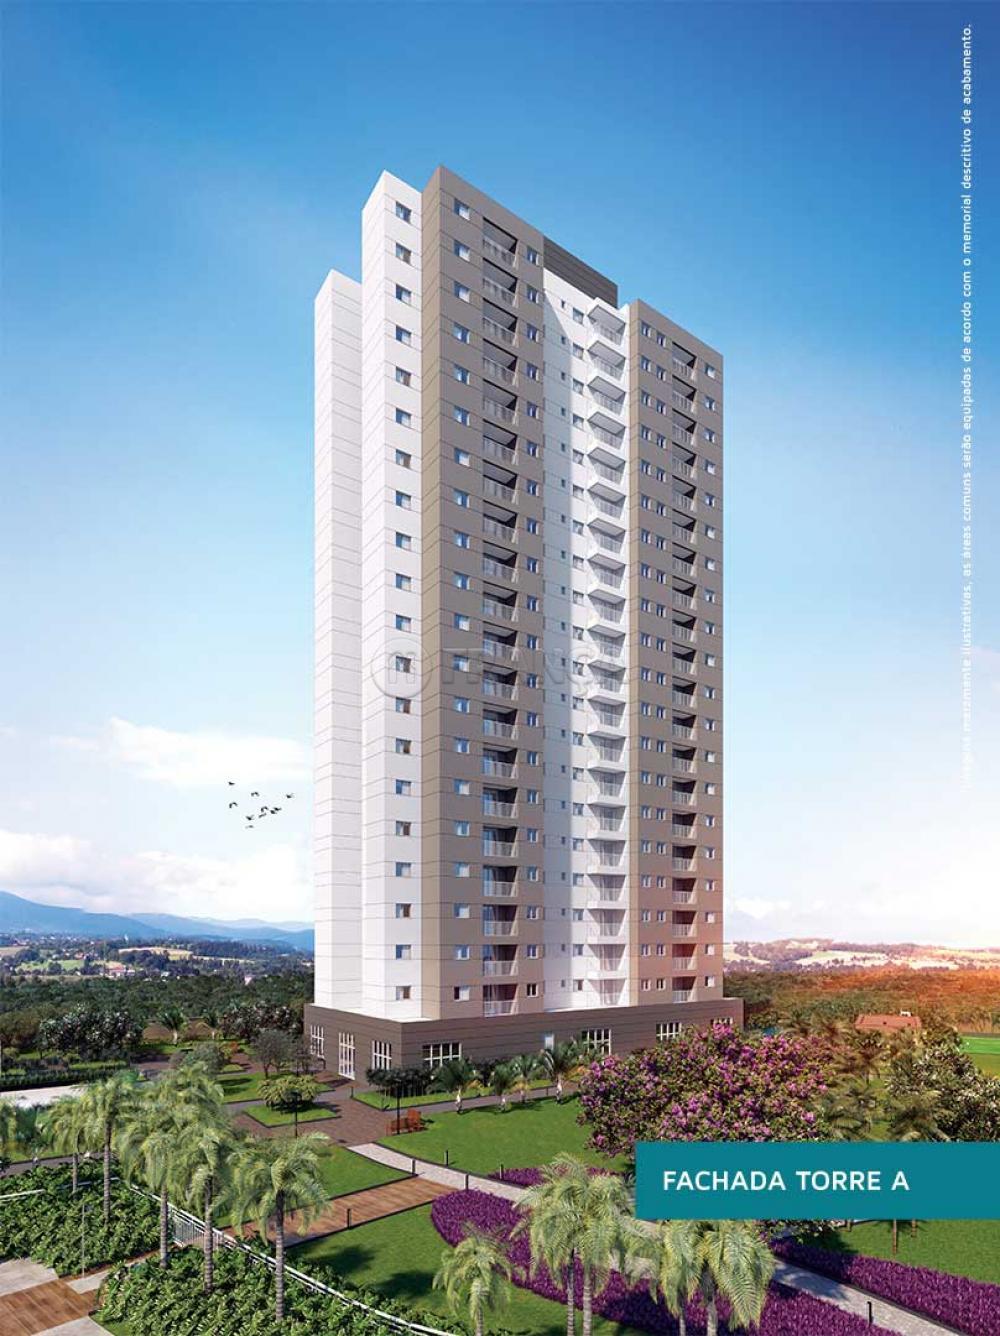 Comprar Apartamento / Padrão em Jacareí R$ 595.000,00 - Foto 15